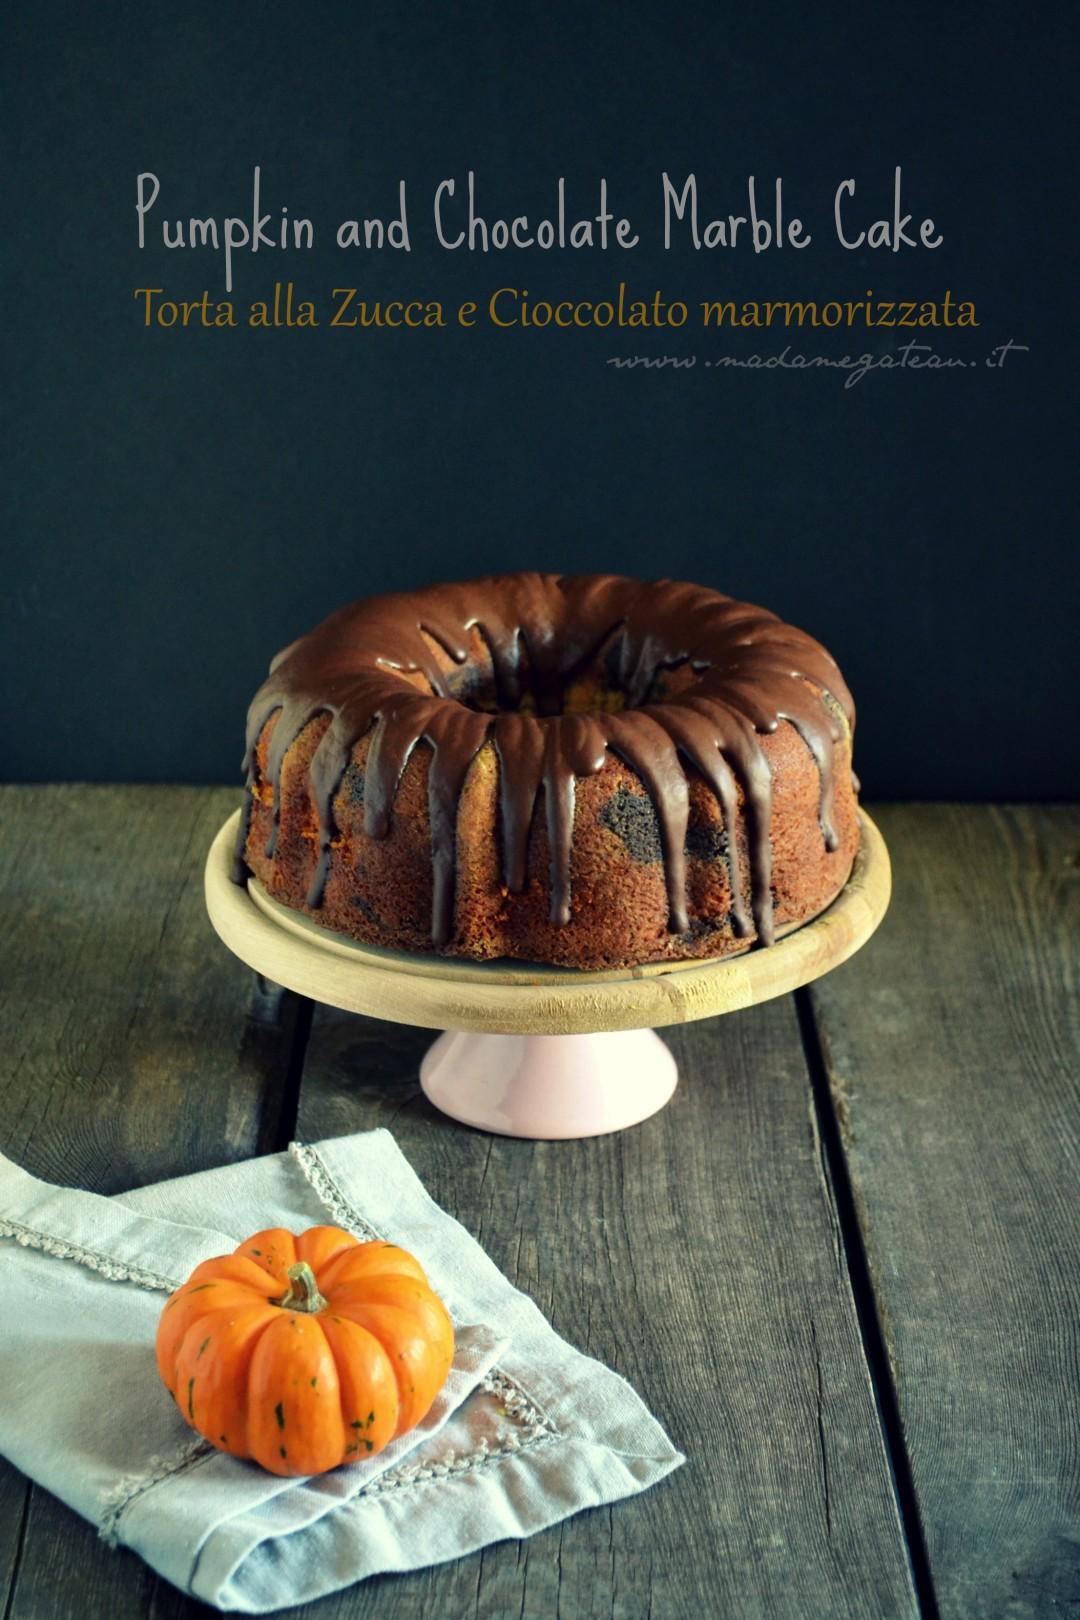 Torta Alla Zucca E Cioccolato Marmorizzata